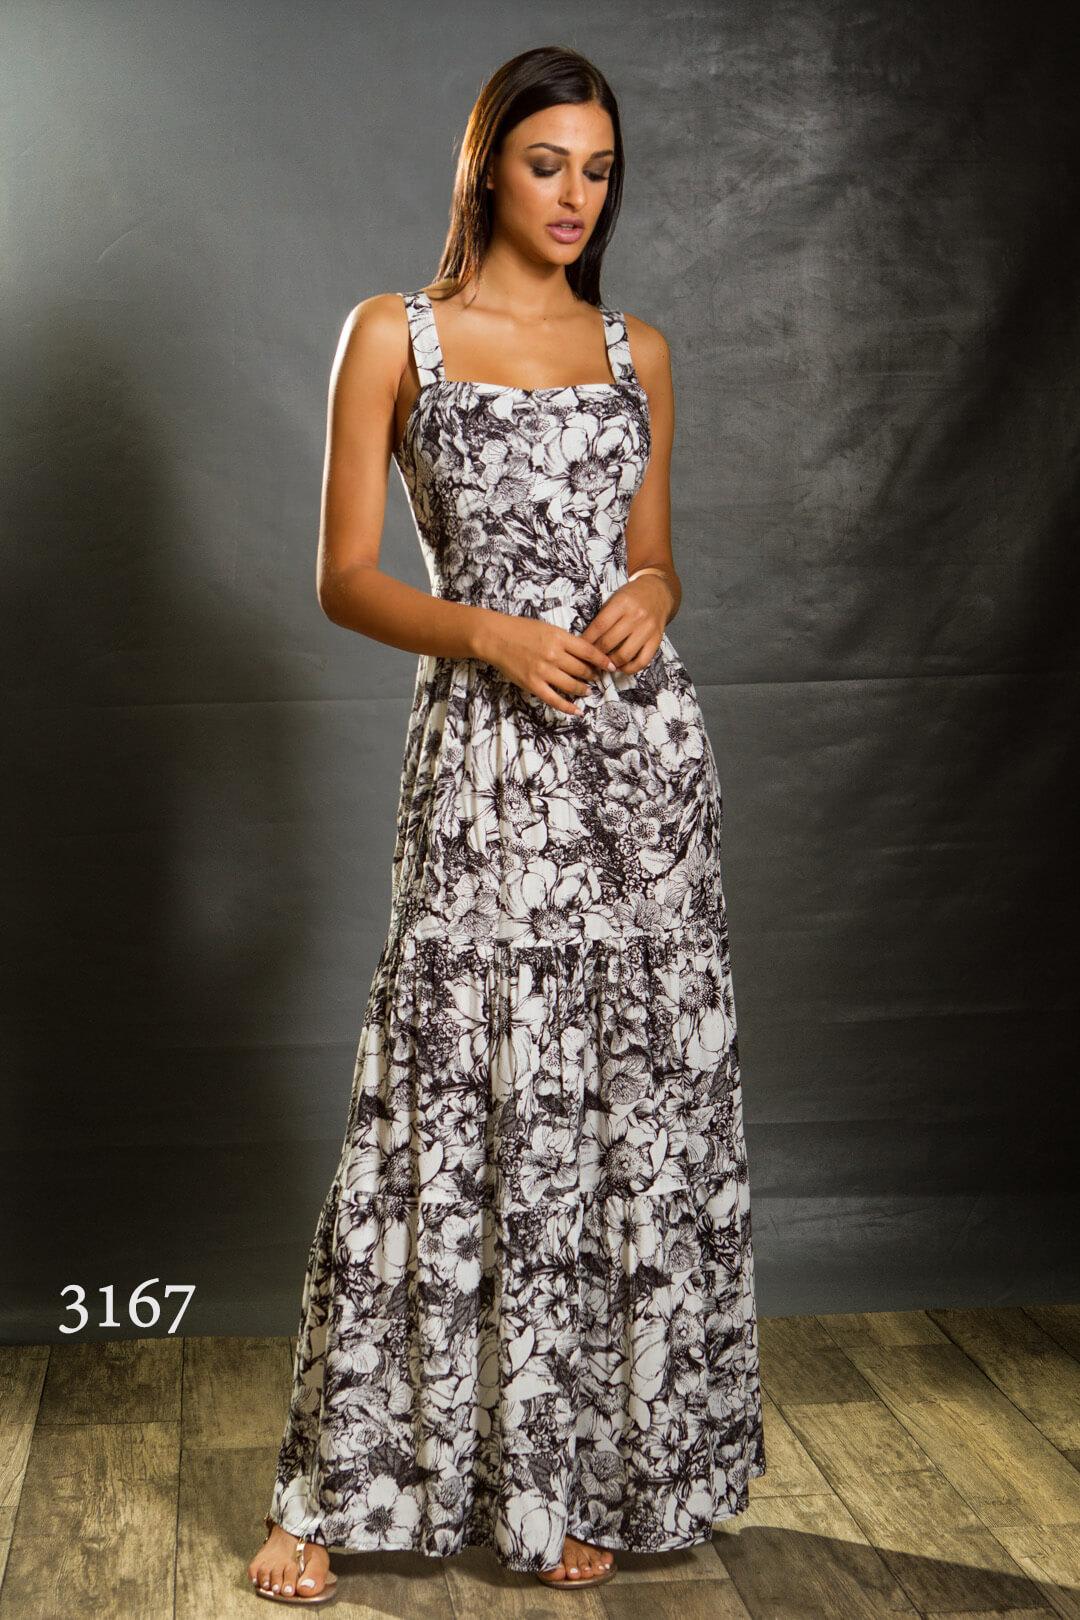 Φόρεμα ΕΜΠΡΙΜΕ Ραντάκι γυναικεία ρούχα στο Ωραιόκαστρο θεσσαλονίκης